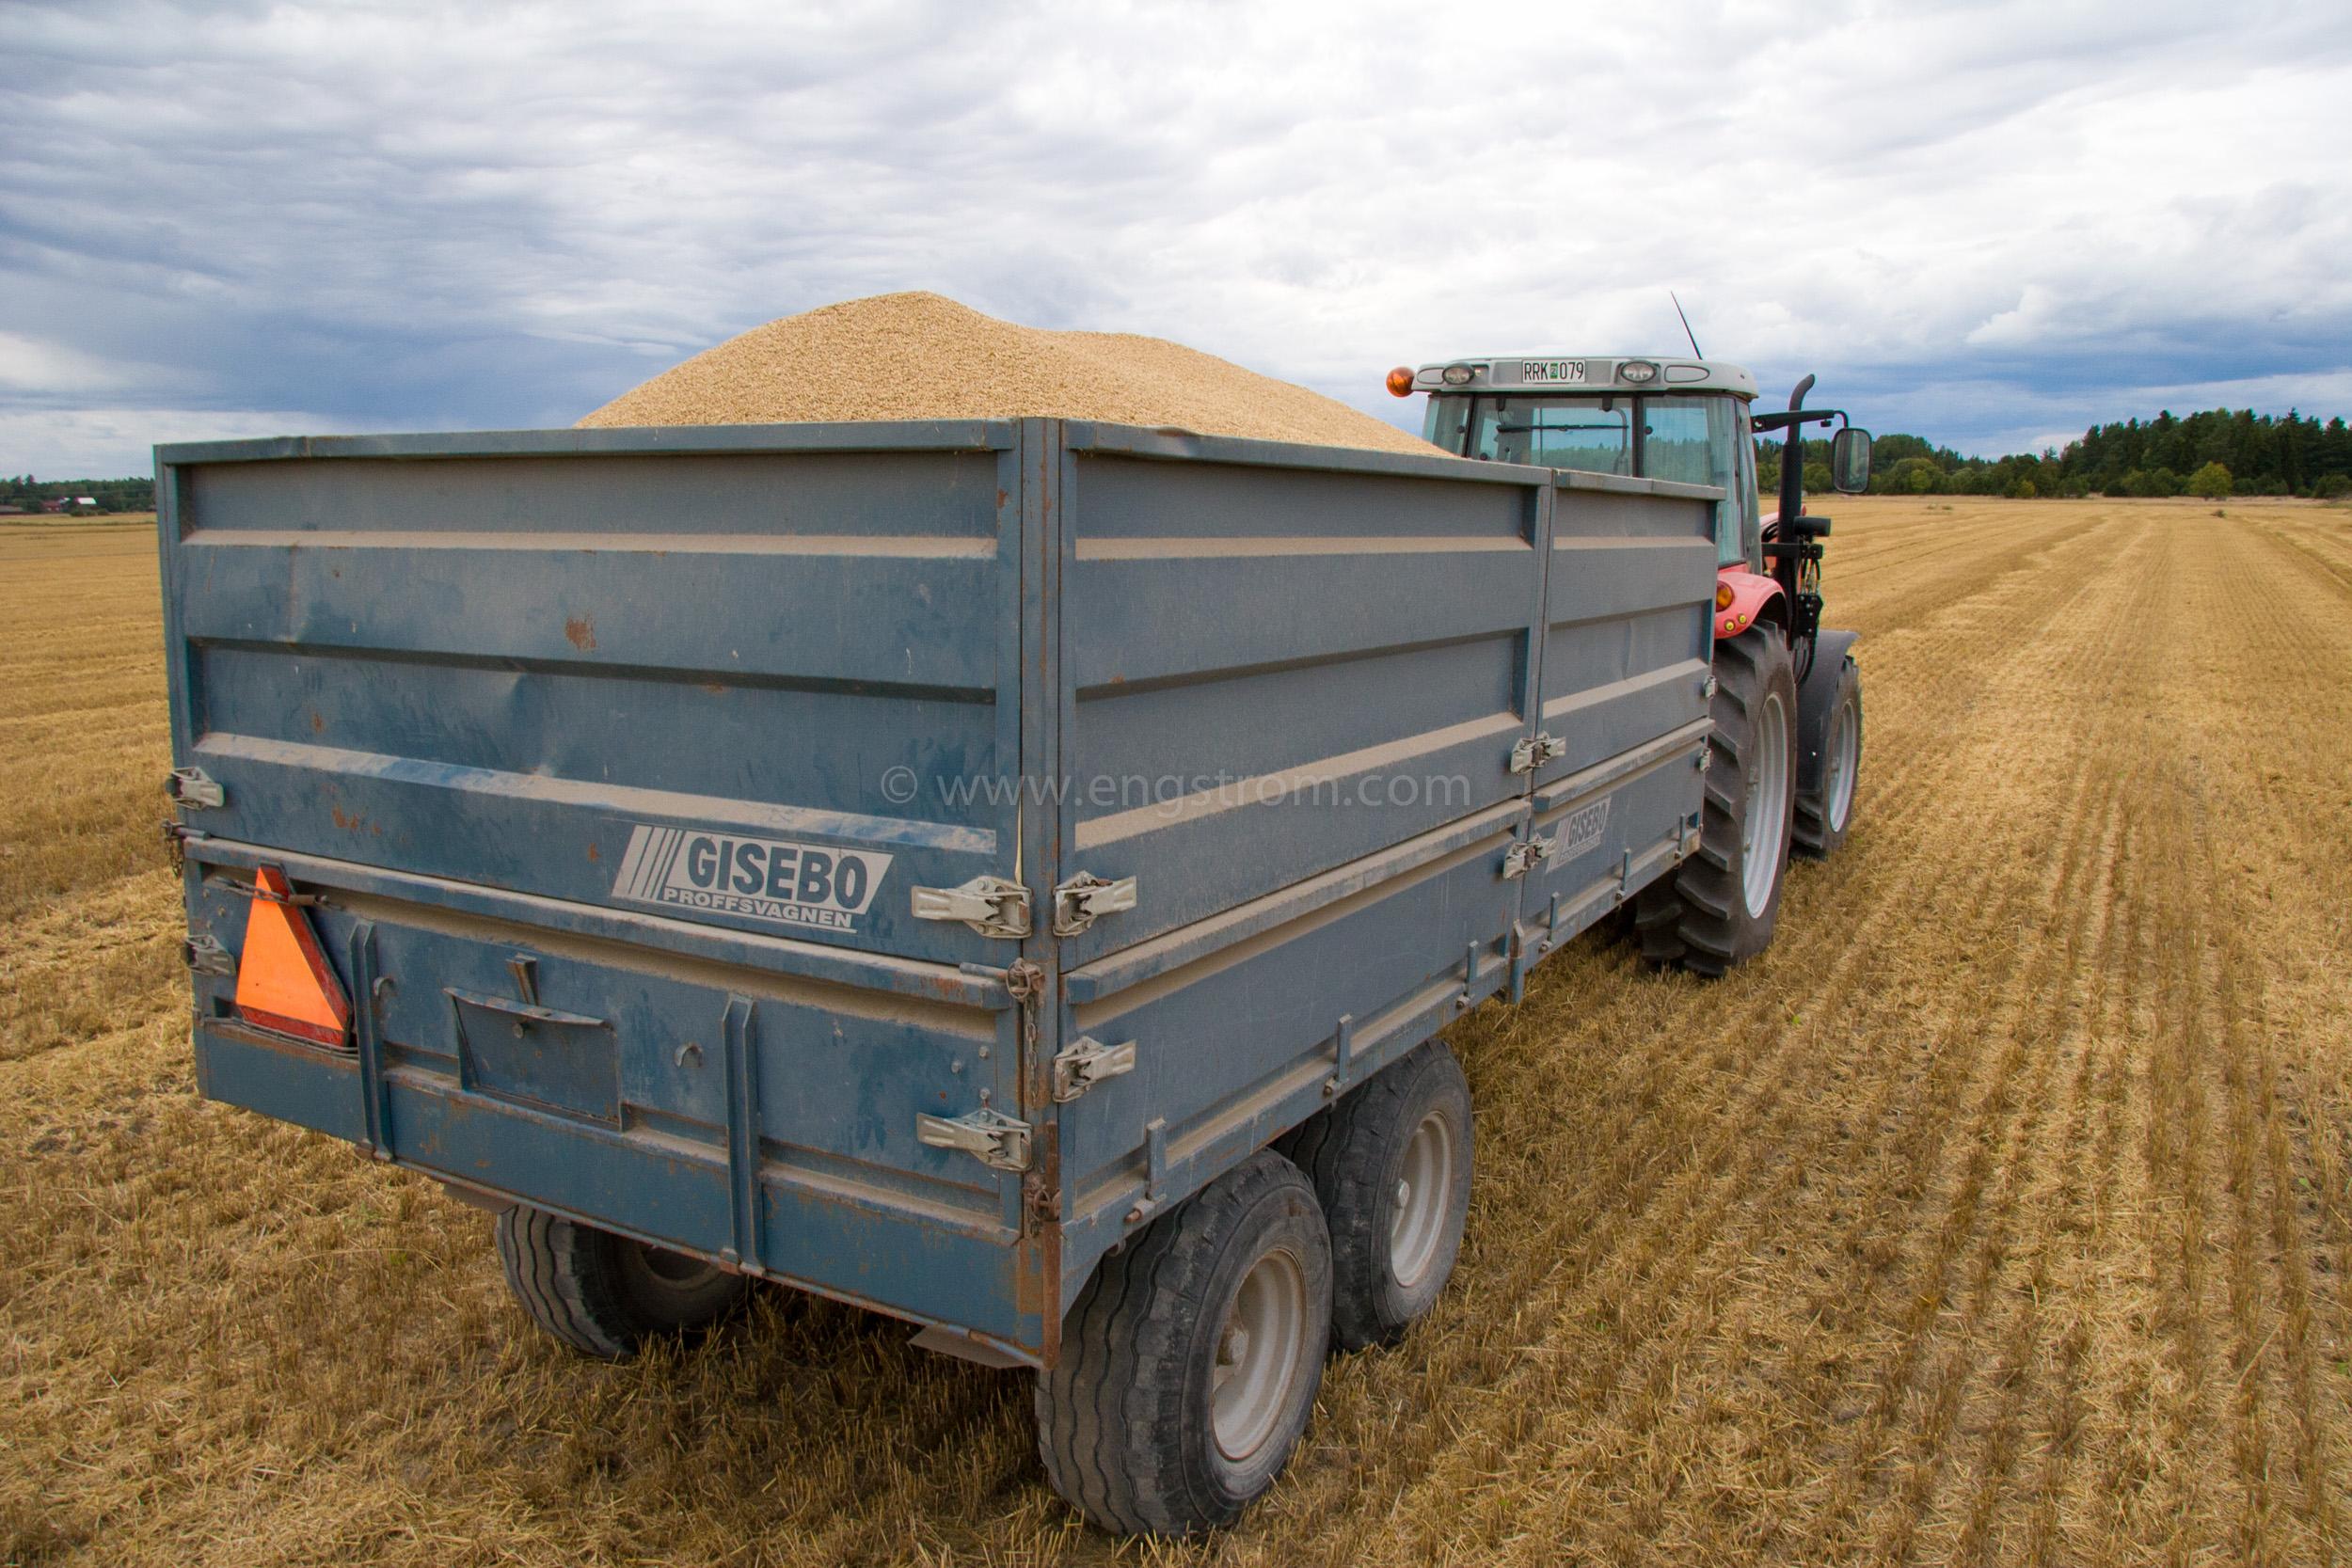 JE_20805, Traktor med spannmålsvagn på tröskad åker, Jonas Engström